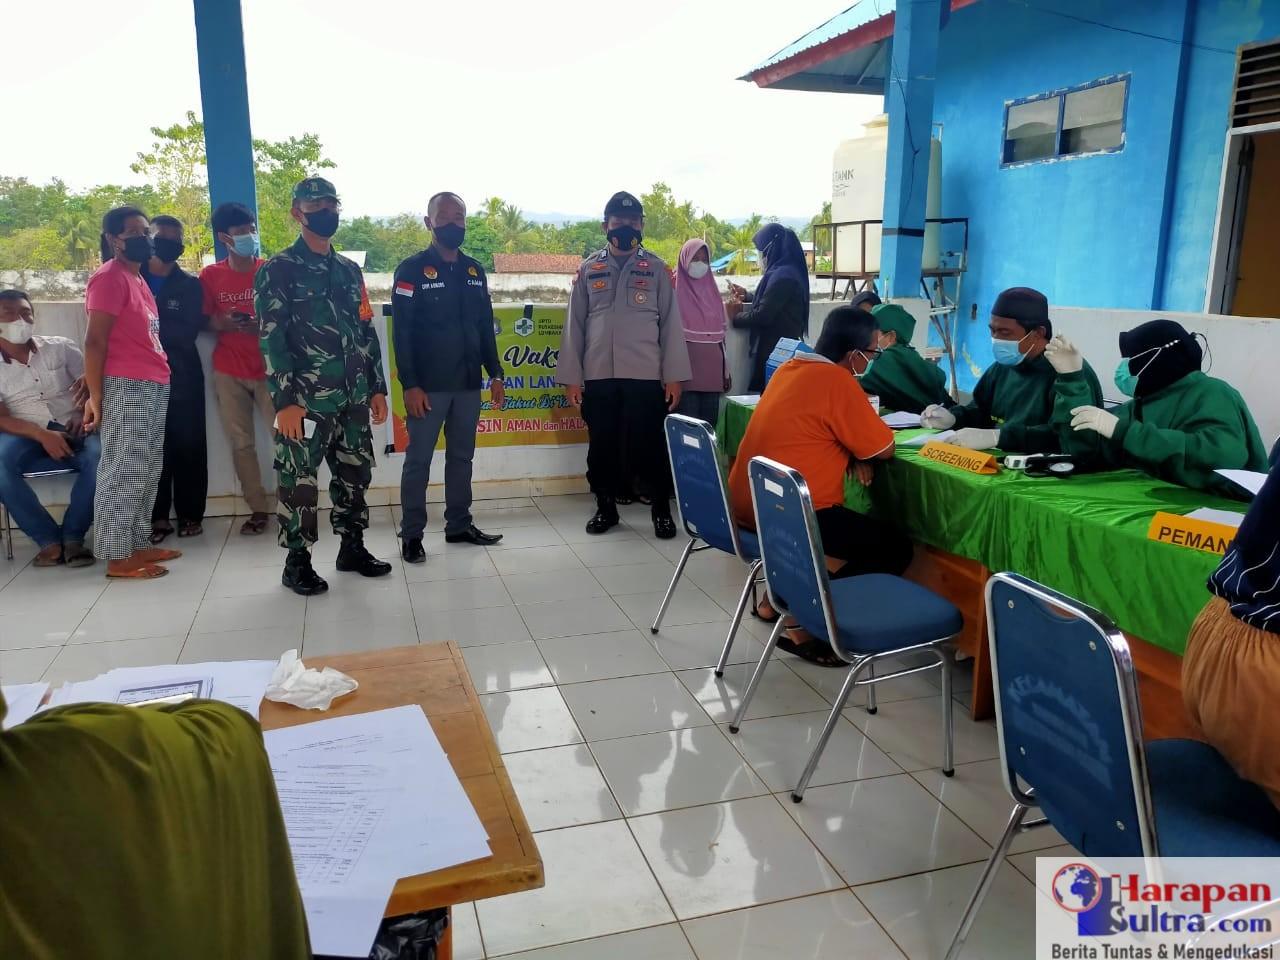 Camat Lantari Jaya Dwi Asmoro meninjau pelaksanaan Pekan vaksinasi tahap ke Empat